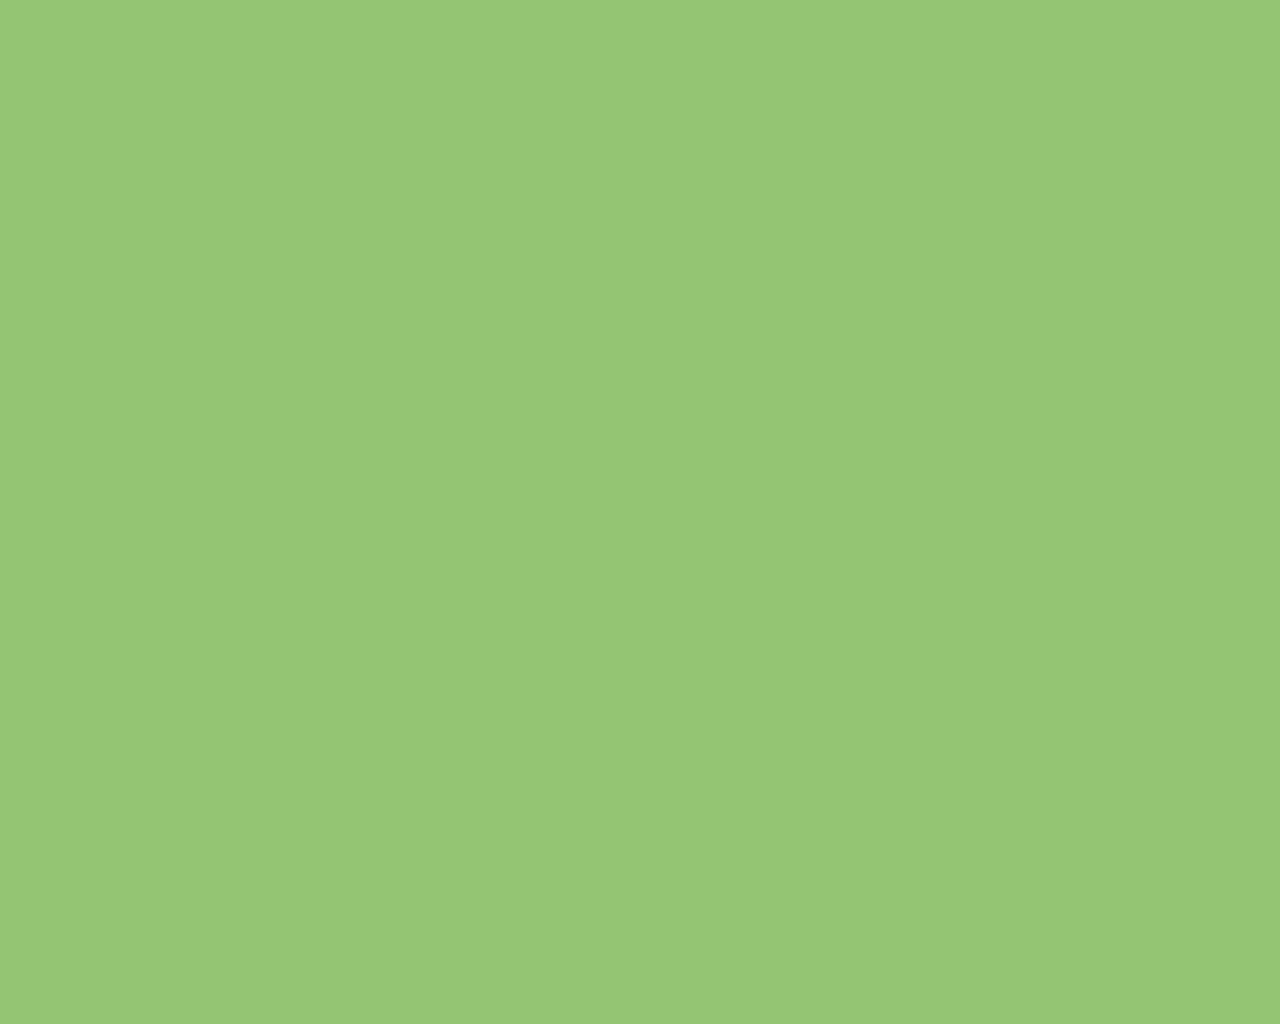 1280x1024 Pistachio Solid Color Background